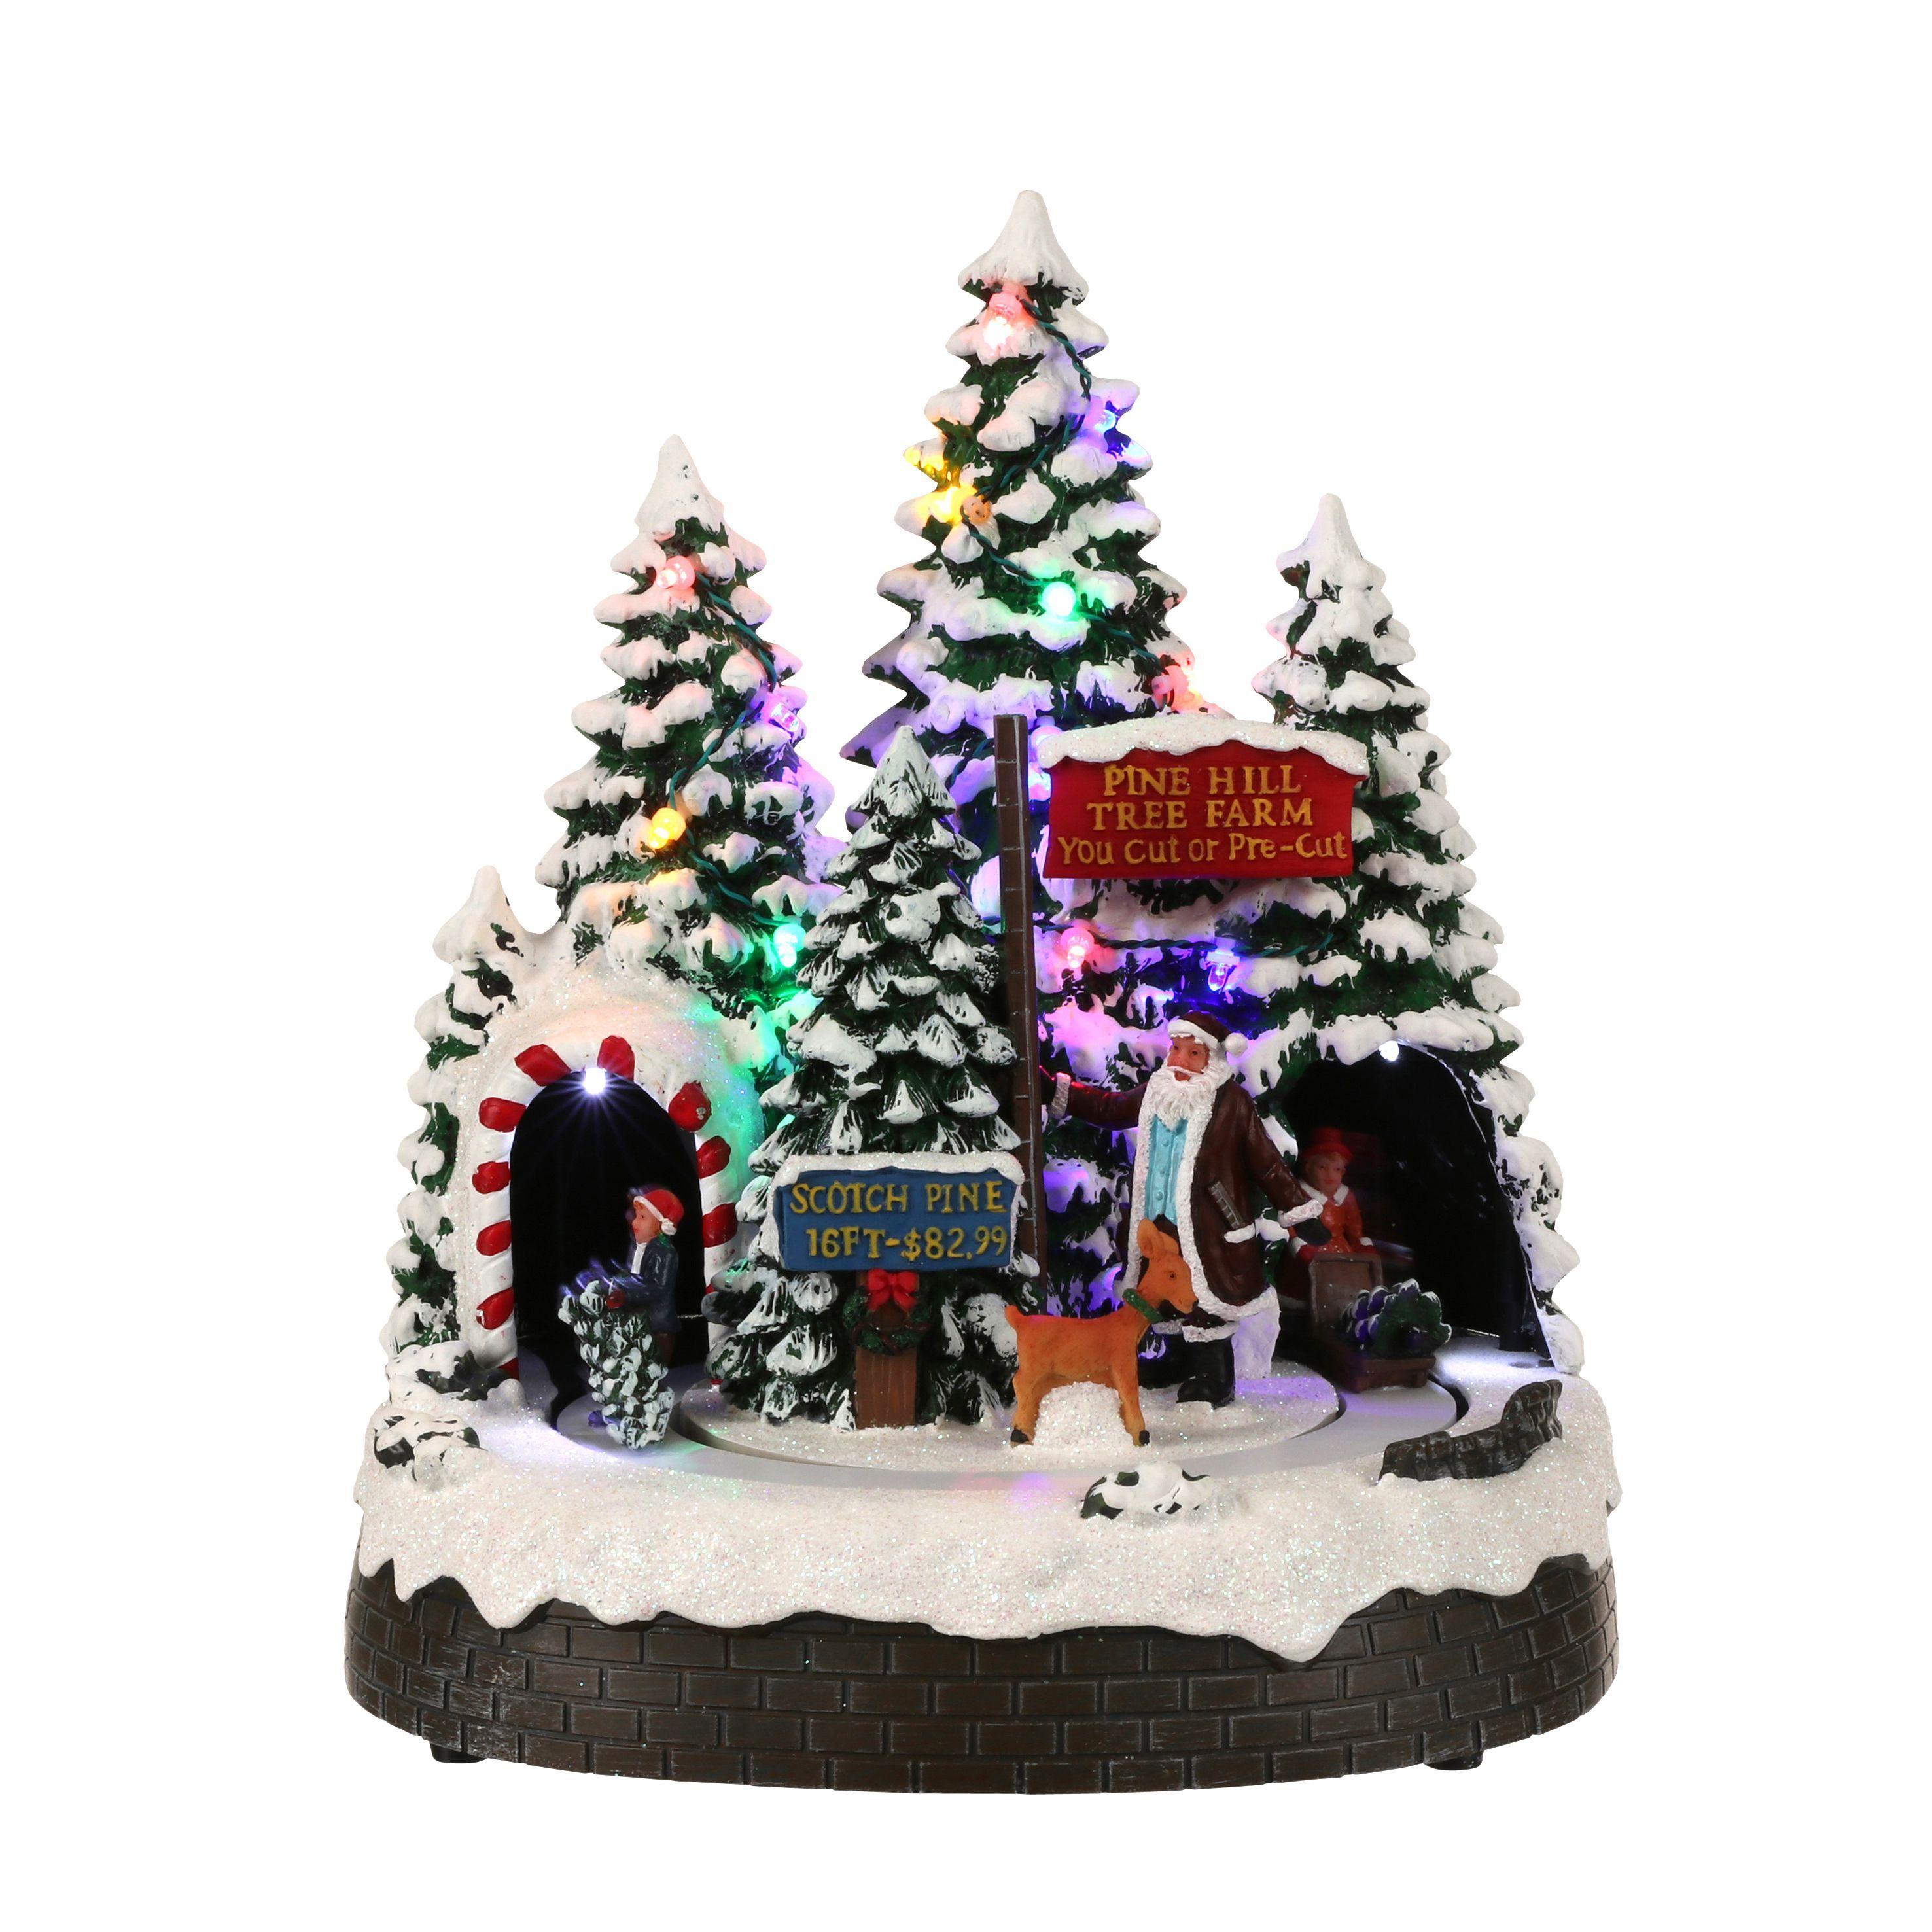 Pine Hill Christmas Tree Farm : Christmas Tree Farms Near ...